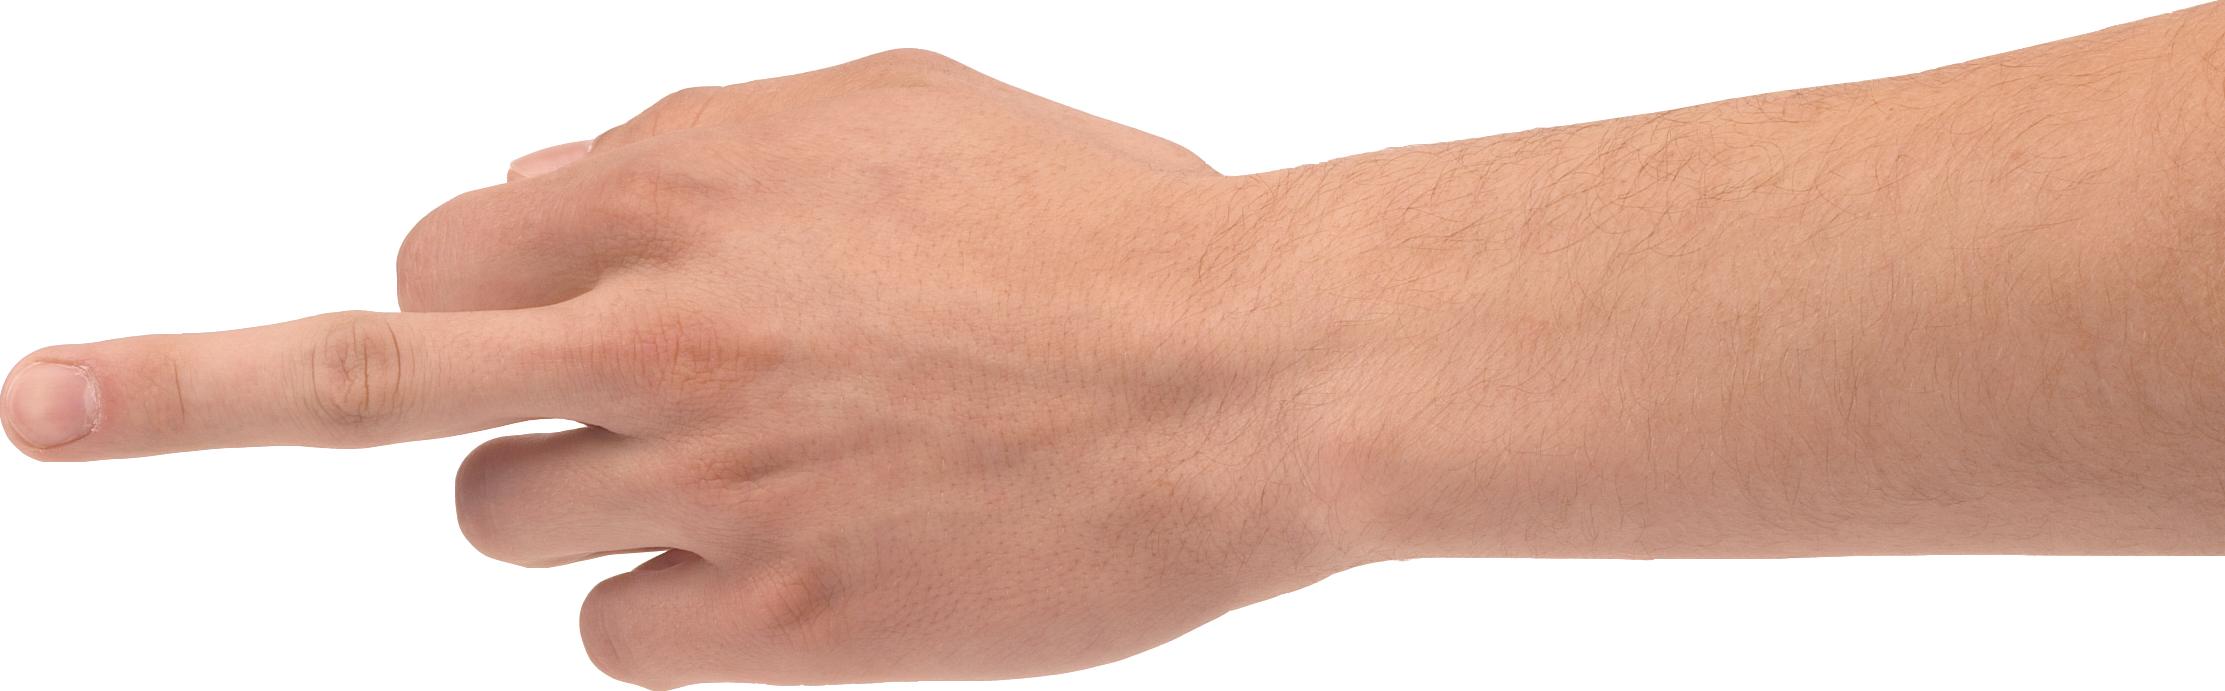 Hands PNG - 9953